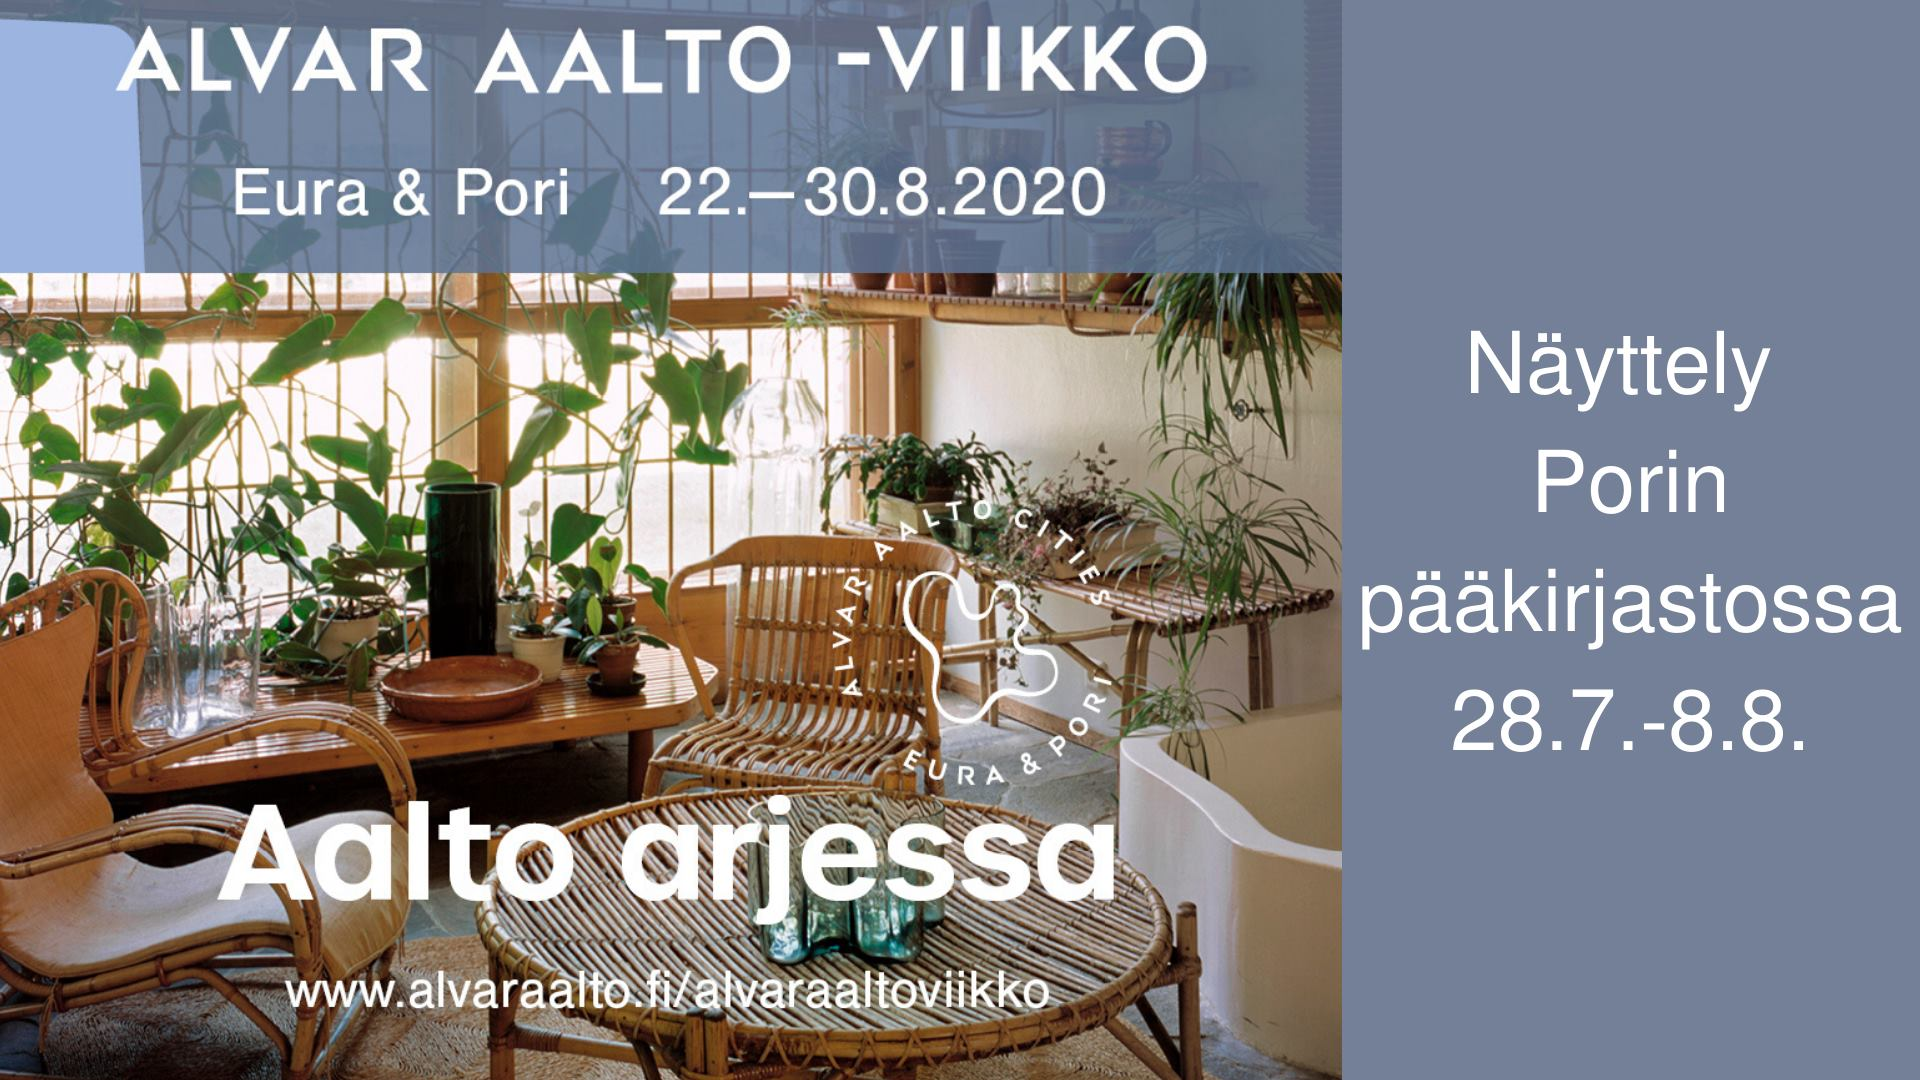 Alvar Aalto -viikon ennakkonäyttely